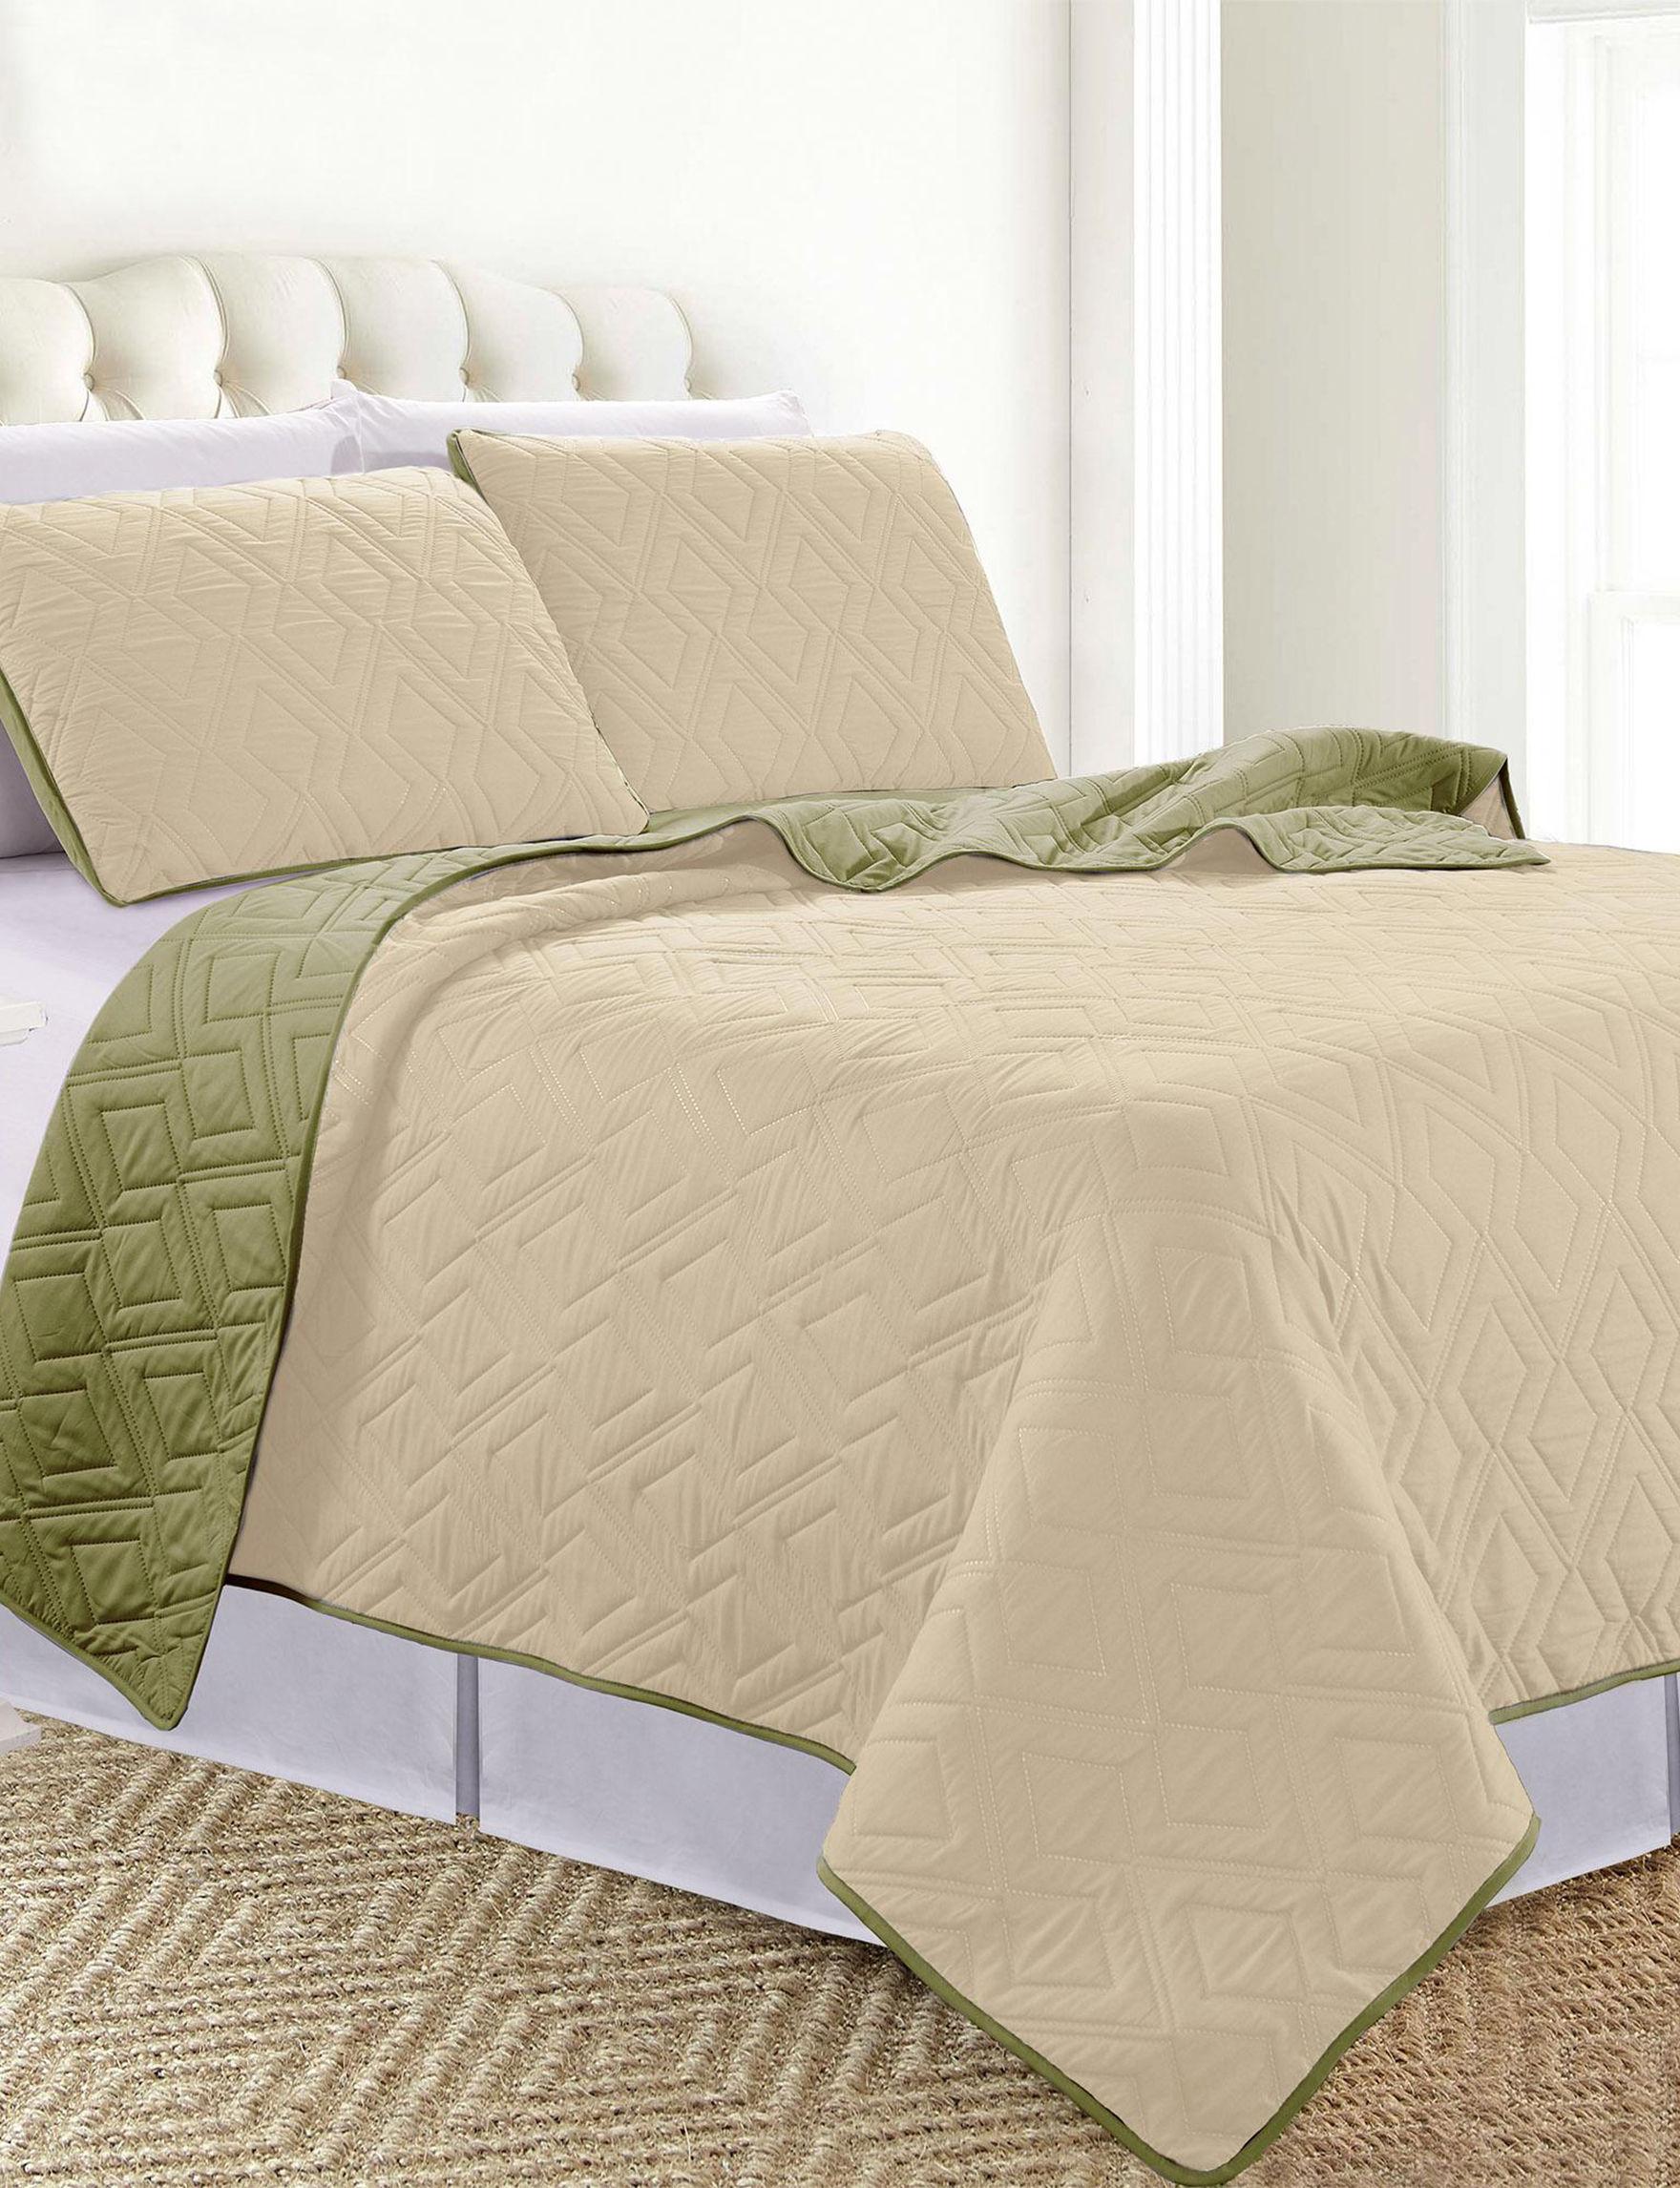 Sanctuary Sand / Olive Quilts & Quilt Sets